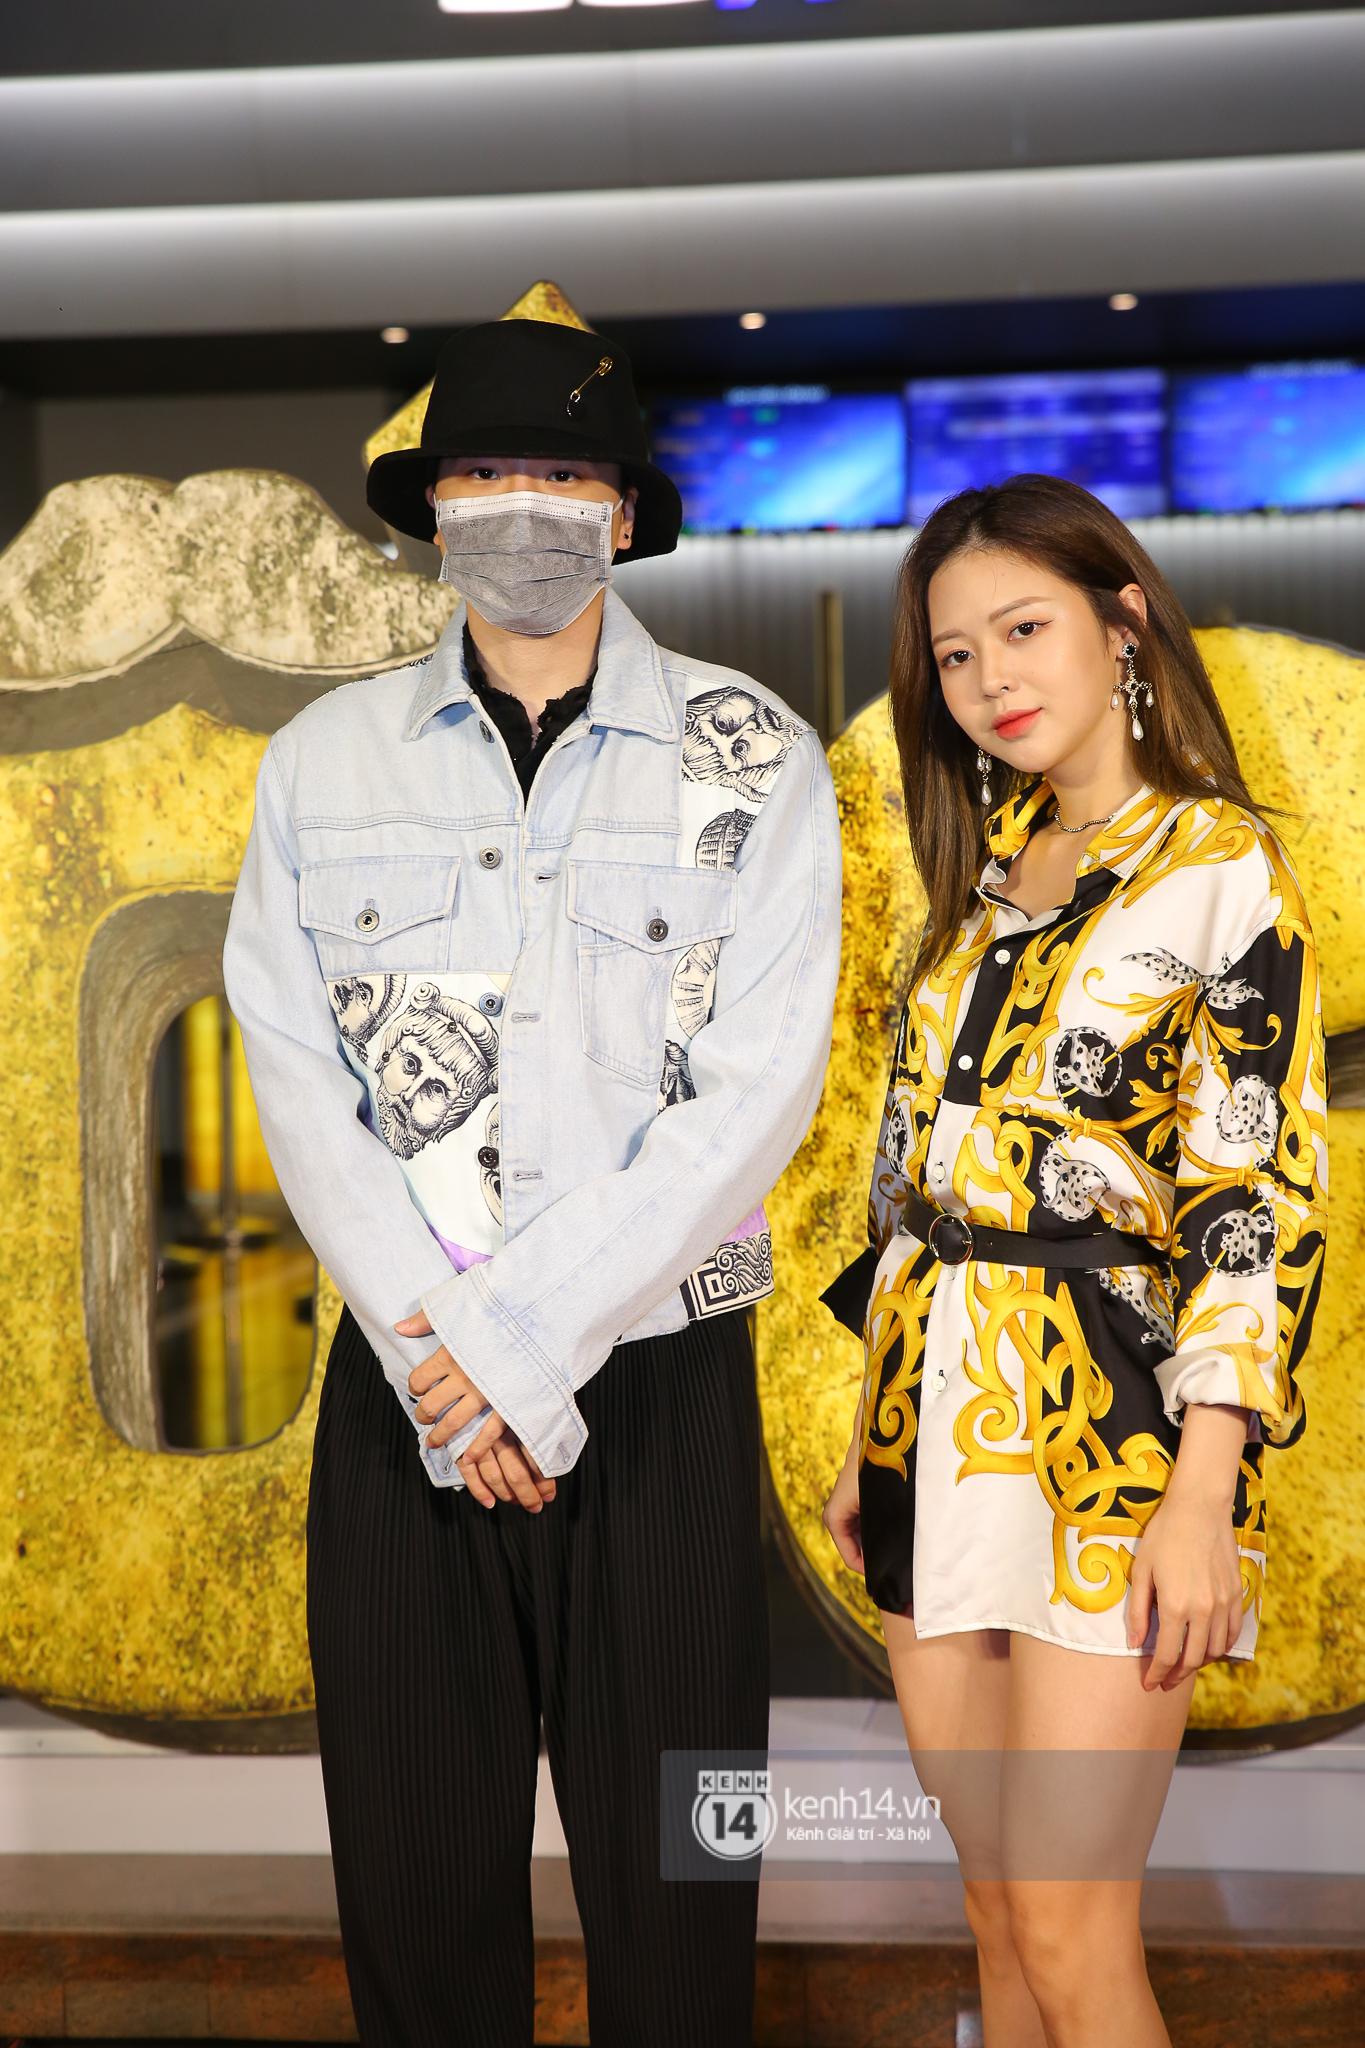 Cặp đôi nhà Đông Nhi, Lệ Quyên thi nhau show ân ái không kém cạnh Trấn Thành - Hariwon ở siêu thảm đỏ Bố Già - Ảnh 30.